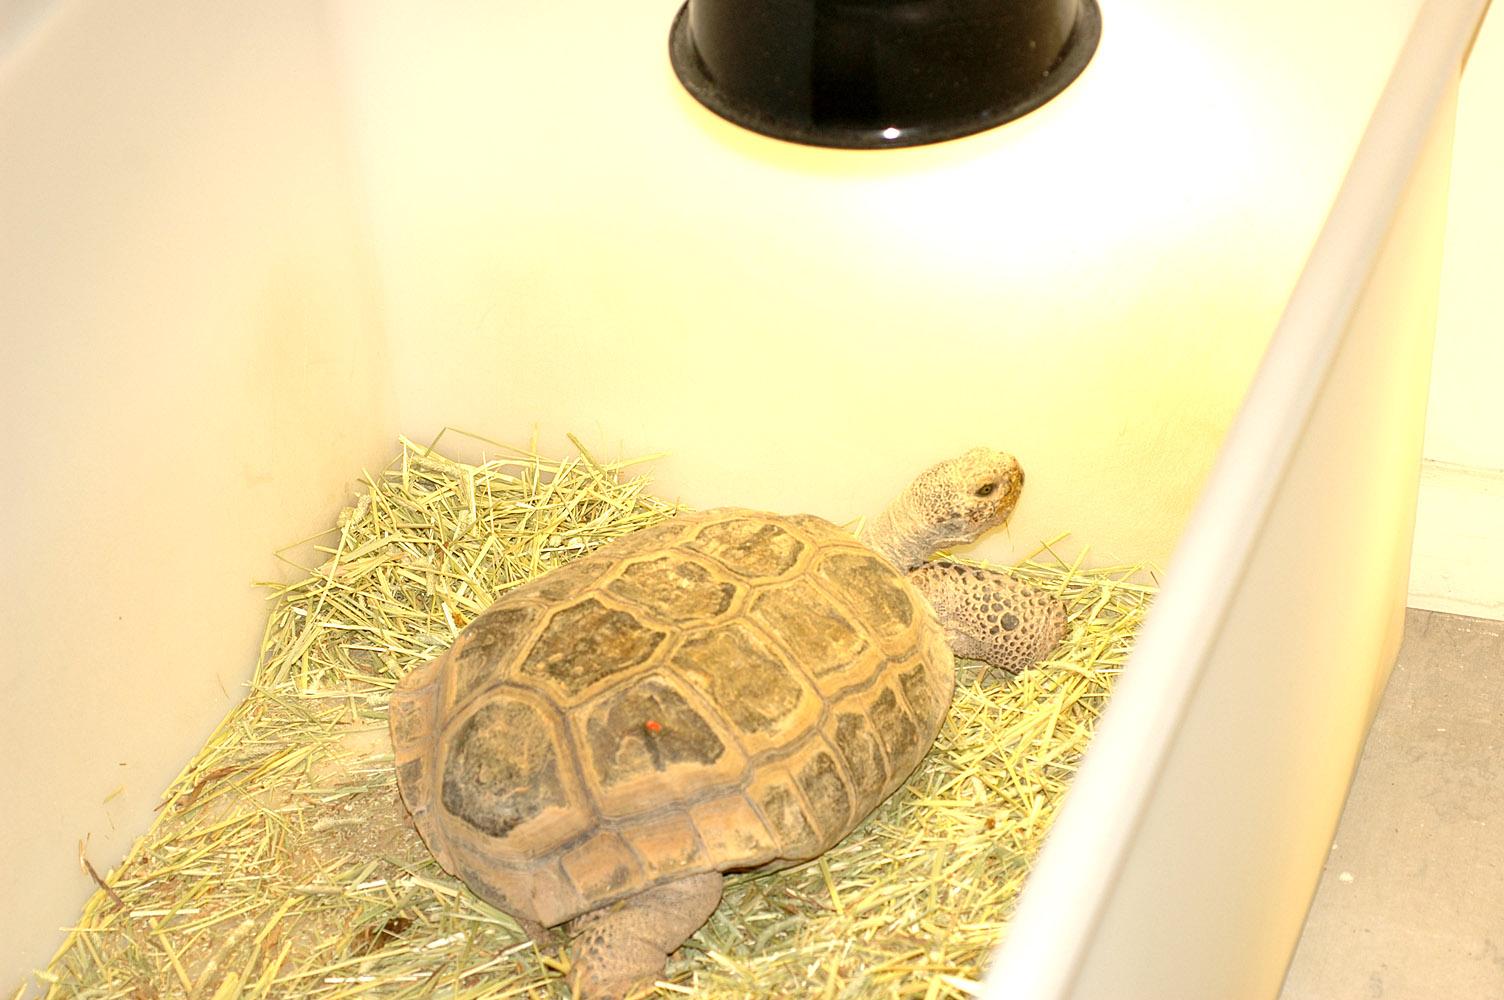 Come aiutare una tartaruga che si sveglia in anticipo dal for Letargo tartarughe acqua